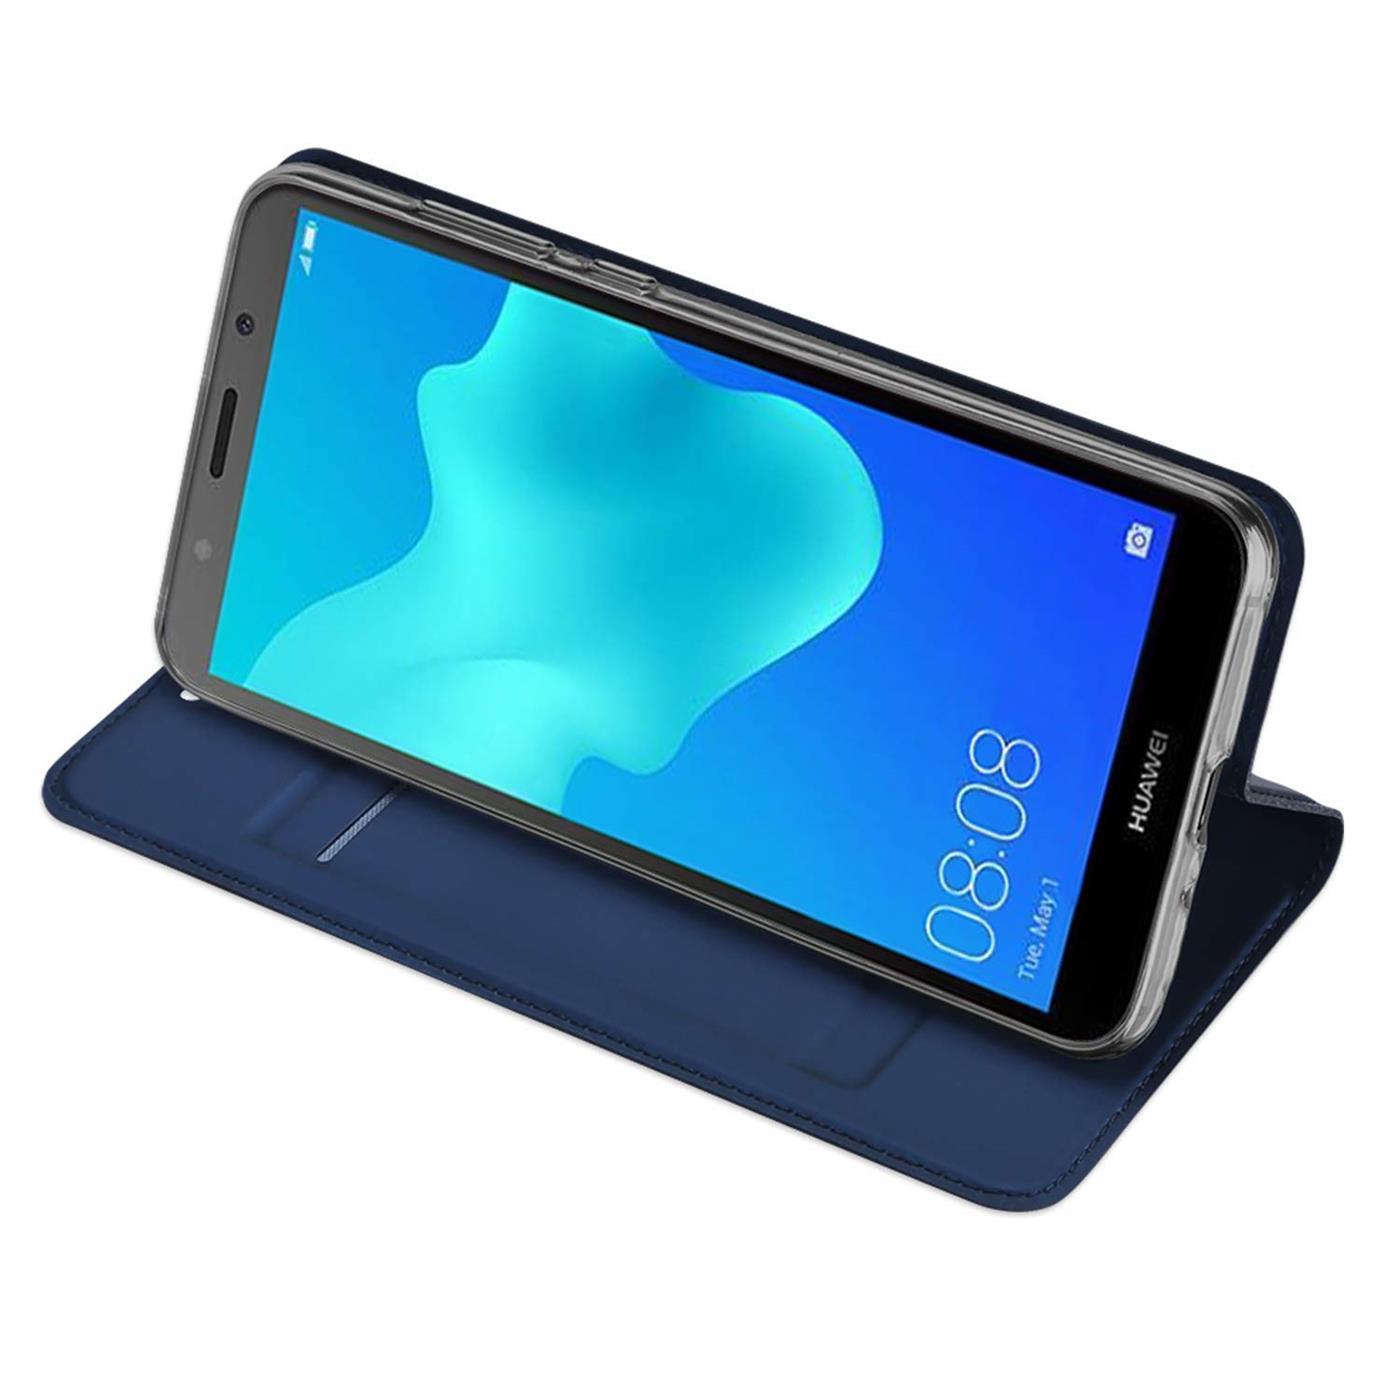 Handy-Huelle-Huawei-Y5-2018-Book-Case-Schutzhuelle-Tasche-Slim-Flip-Cover-Etui Indexbild 13